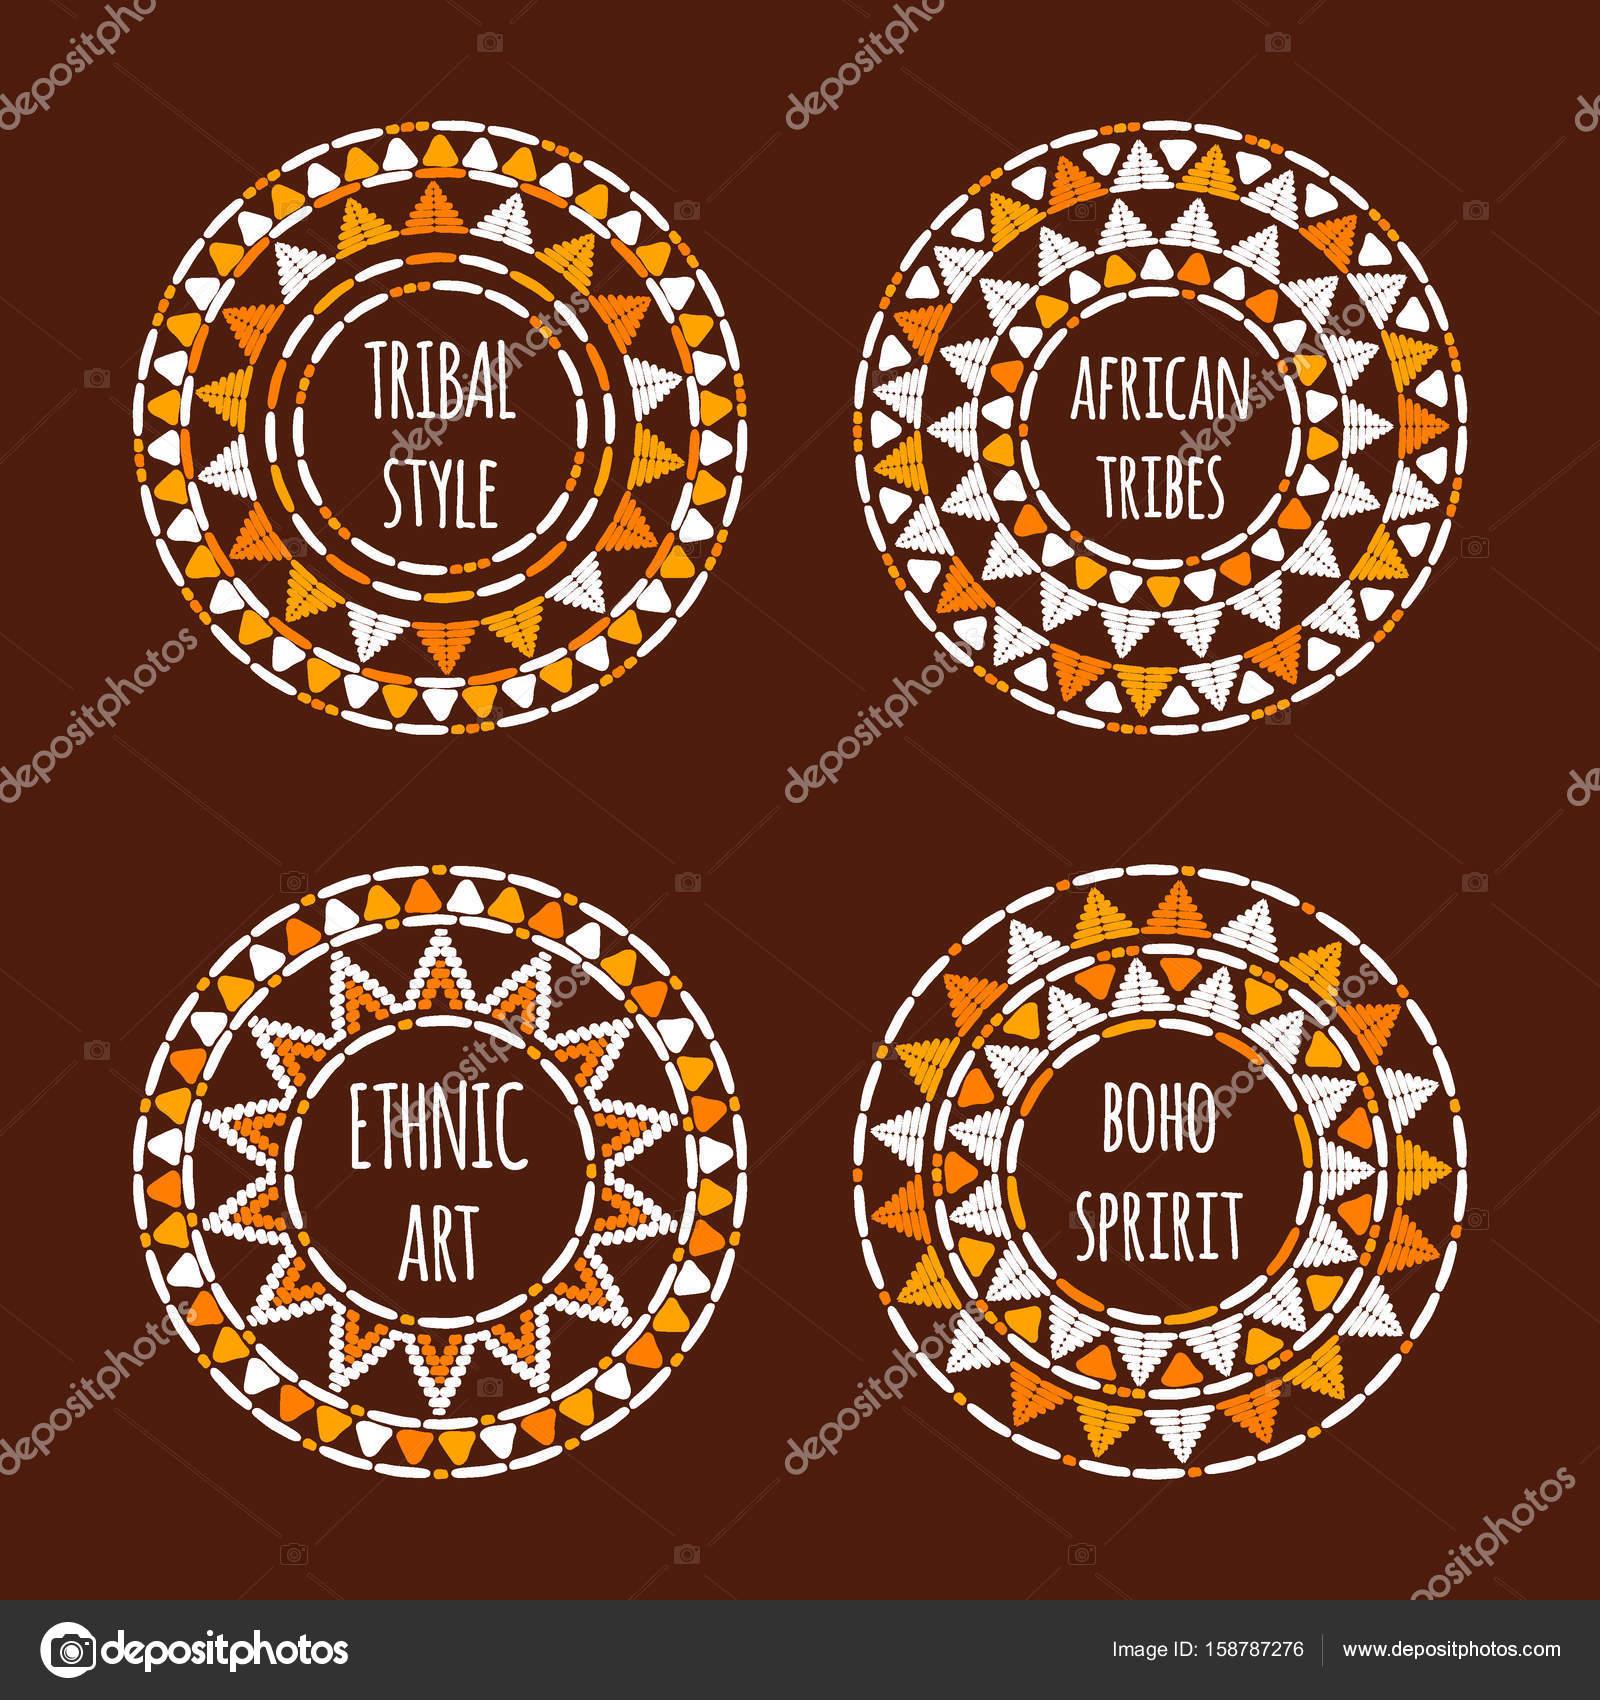 Einzigartiges Rundes Tribal Logo Vorlage Sammlung Vektor. Afrikanische  Handgezeichneten Entwurf Für Branding, Abzeichen, Plakat, Bekleidung  Drucken, ...